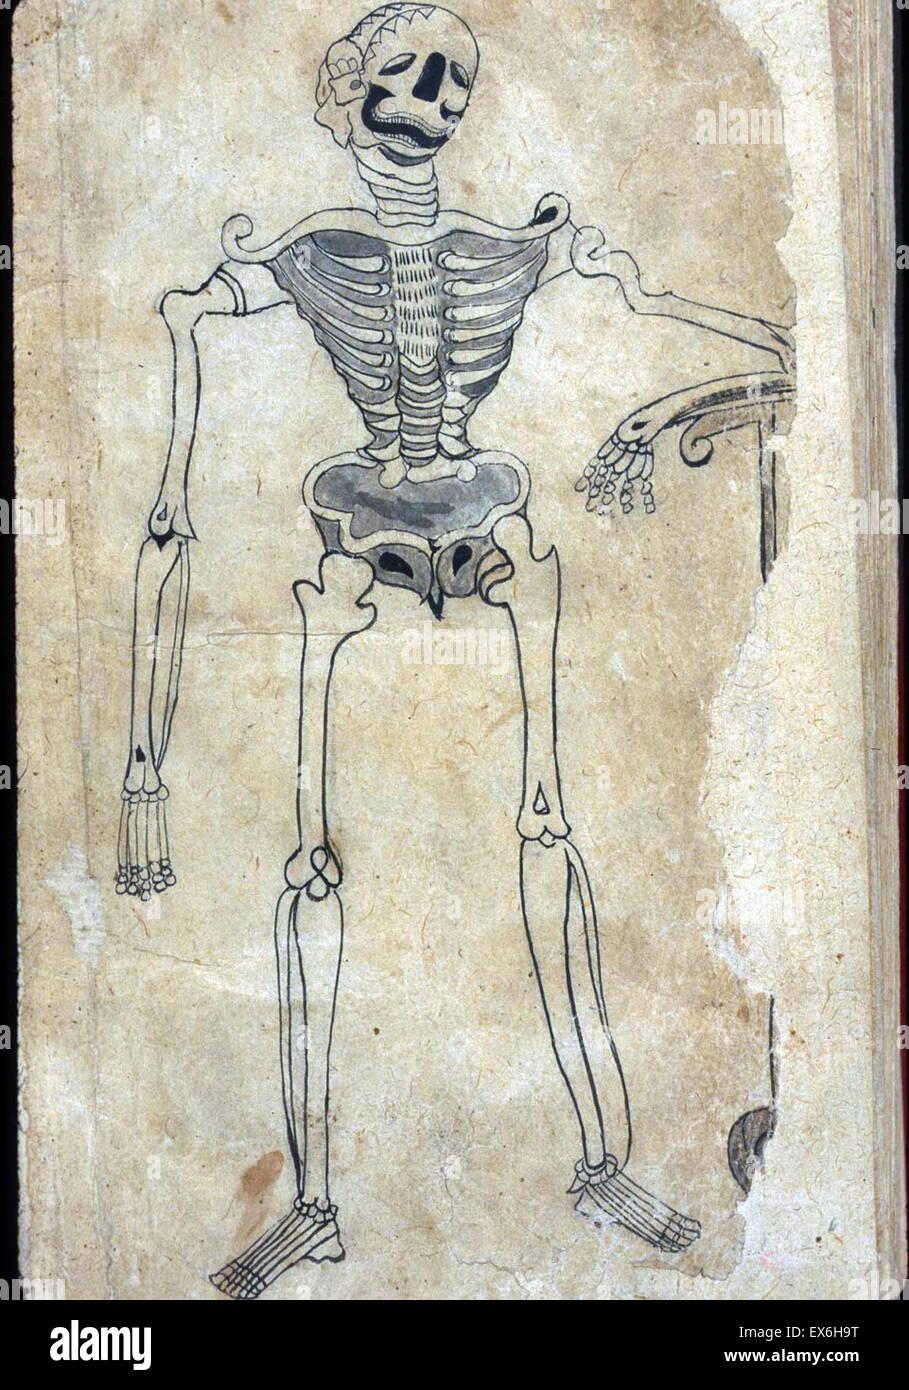 Tolle Von Anatomie Gemacht Zeitgenössisch - Anatomie Ideen - finotti ...